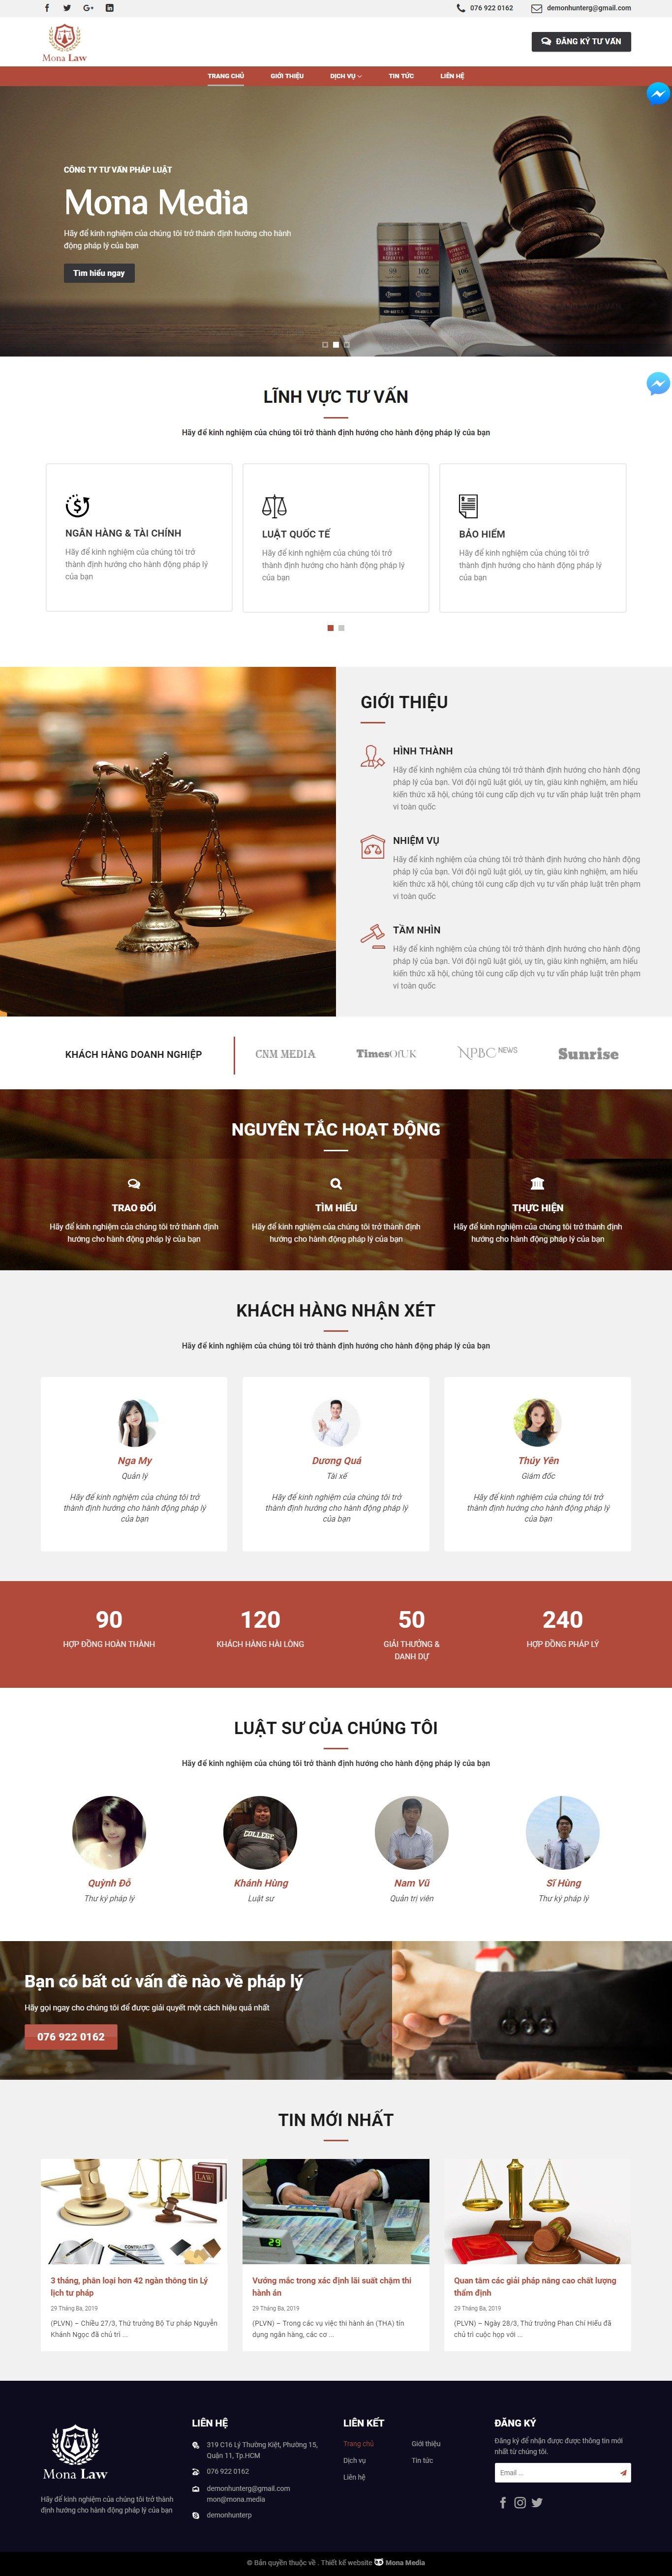 Mẫu website giới thiệu dịch vụ tư vấn luật giống Lawking